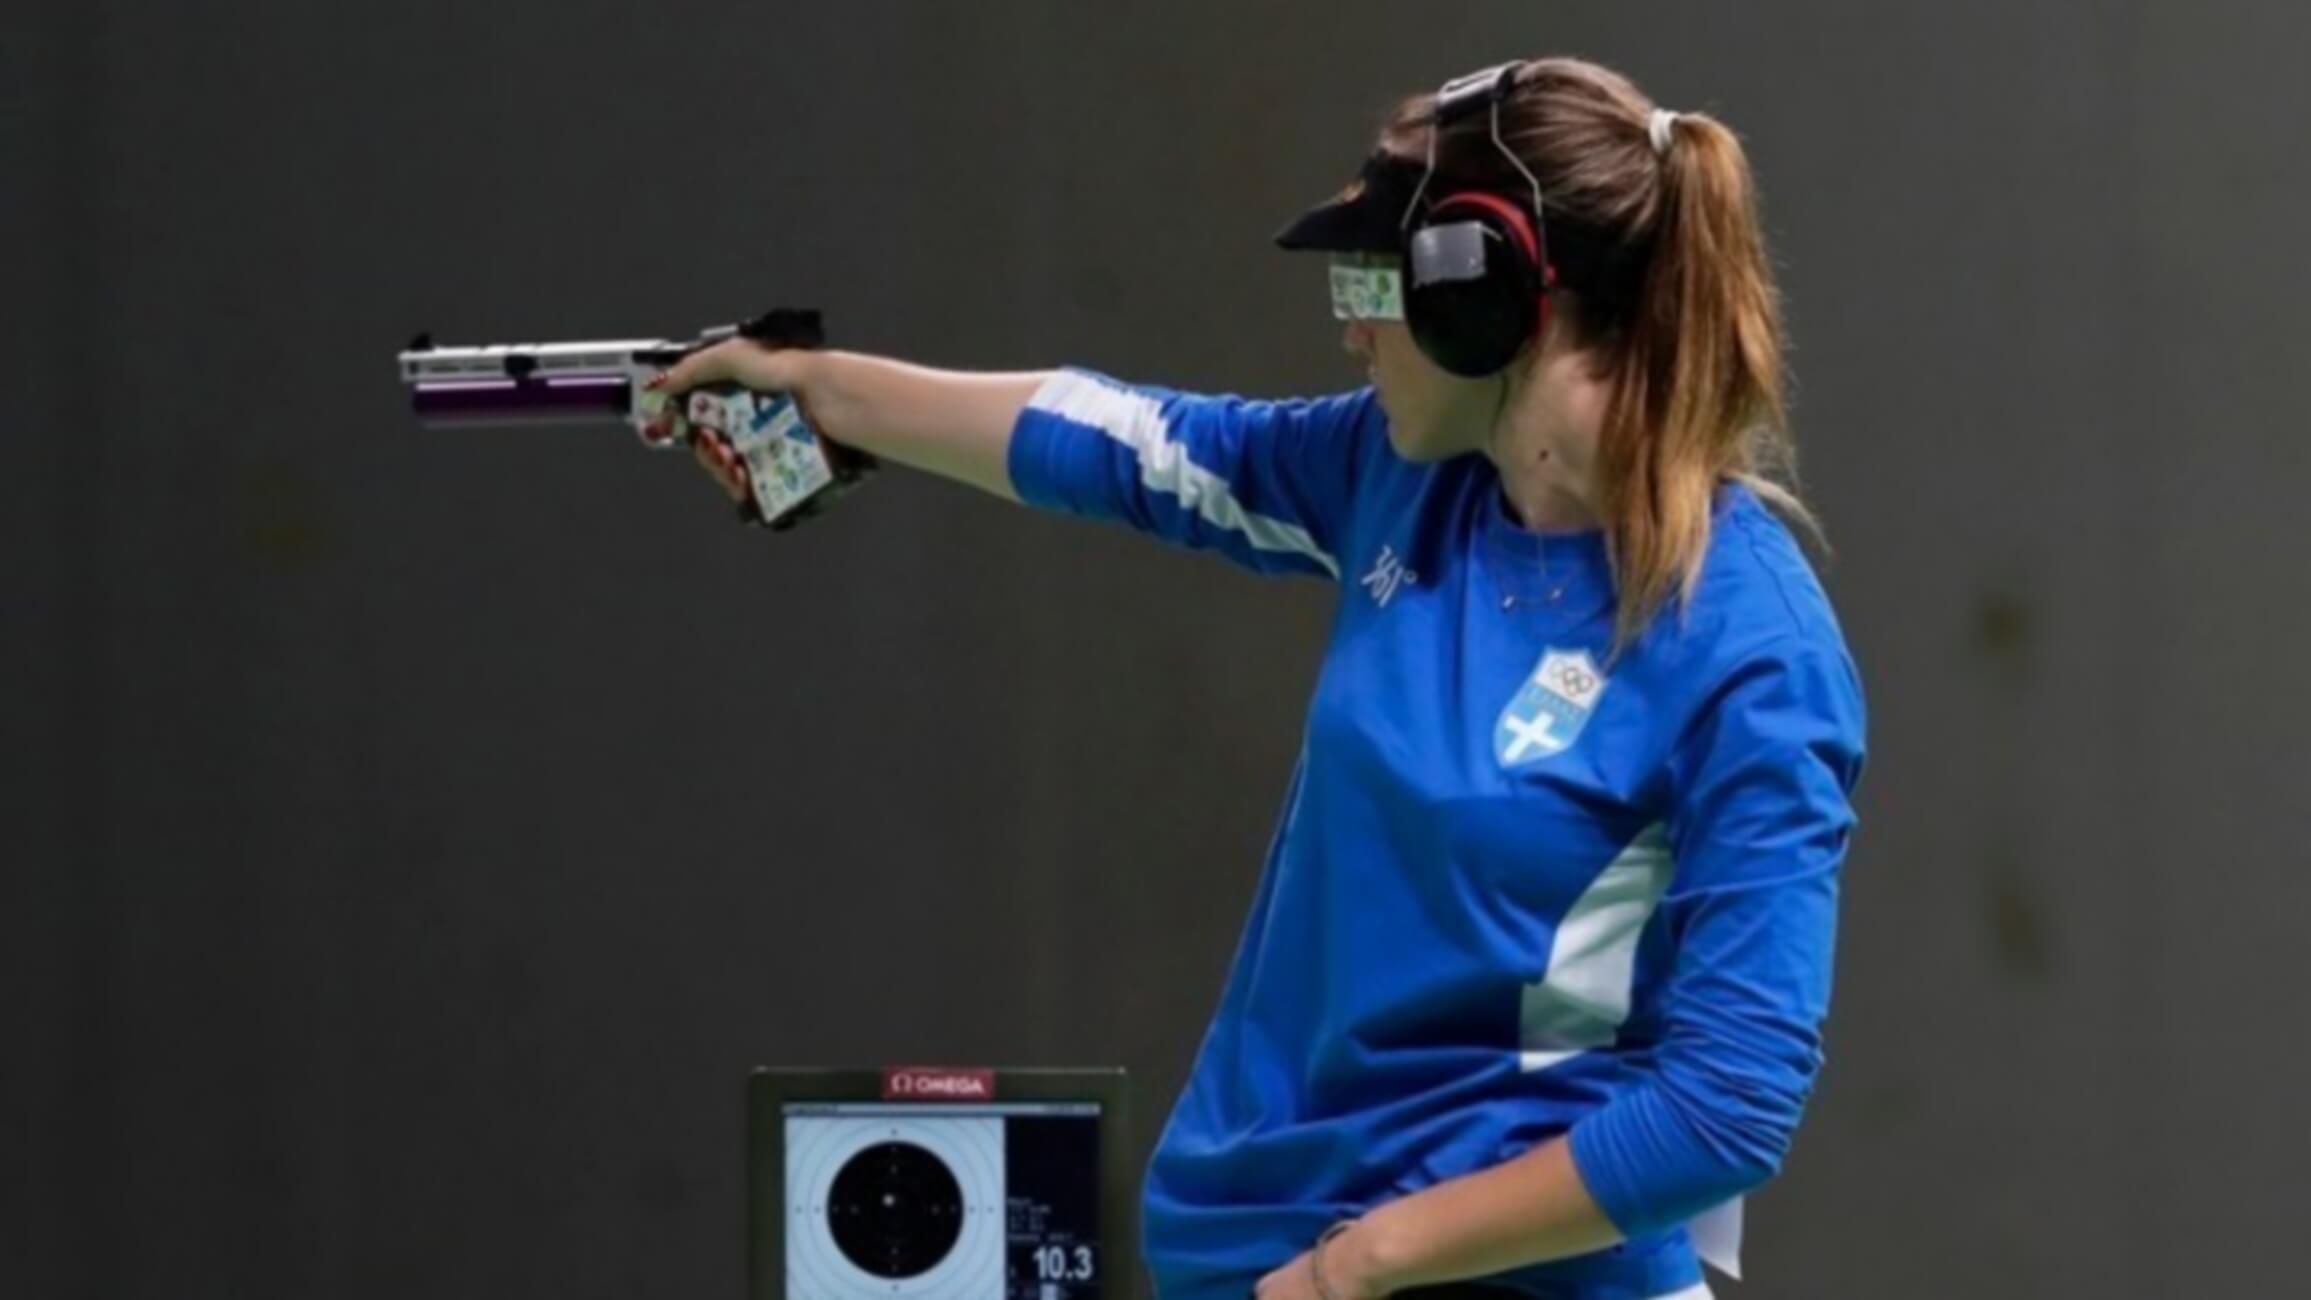 Ολυμπιακοί Αγώνες: Στην 6η θέση η Άννα Κορακάκη